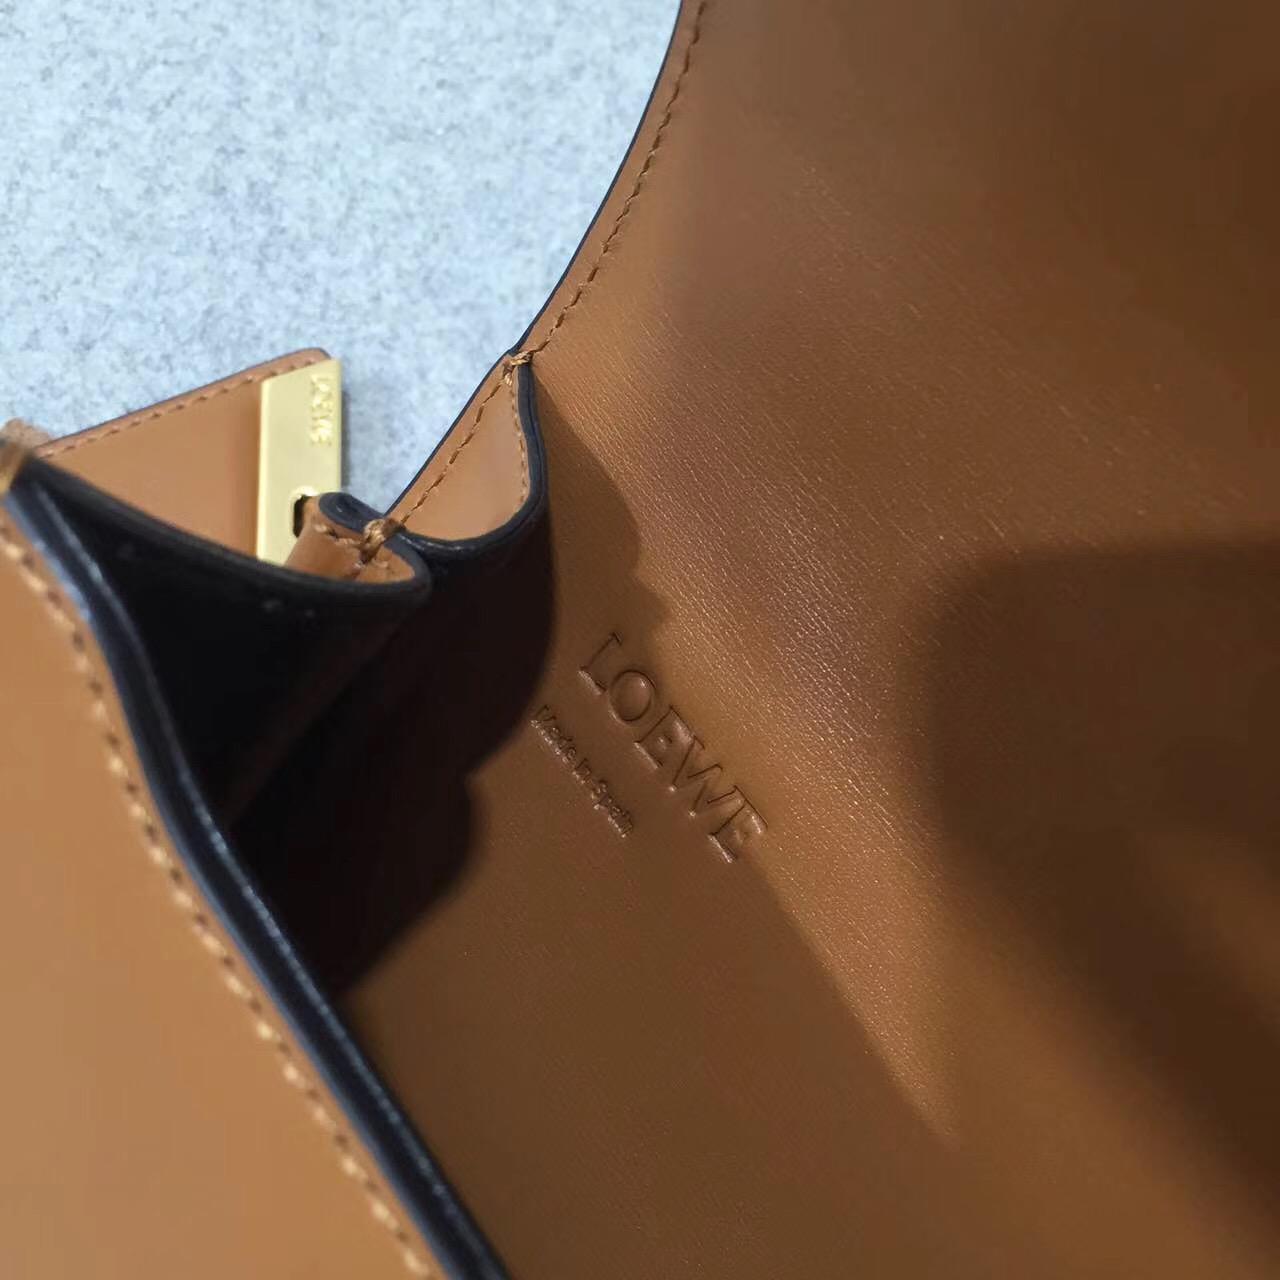 羅意威巴塞羅那包 獨特的金屬三角形 Barcelona Laced Small Bag 棕色